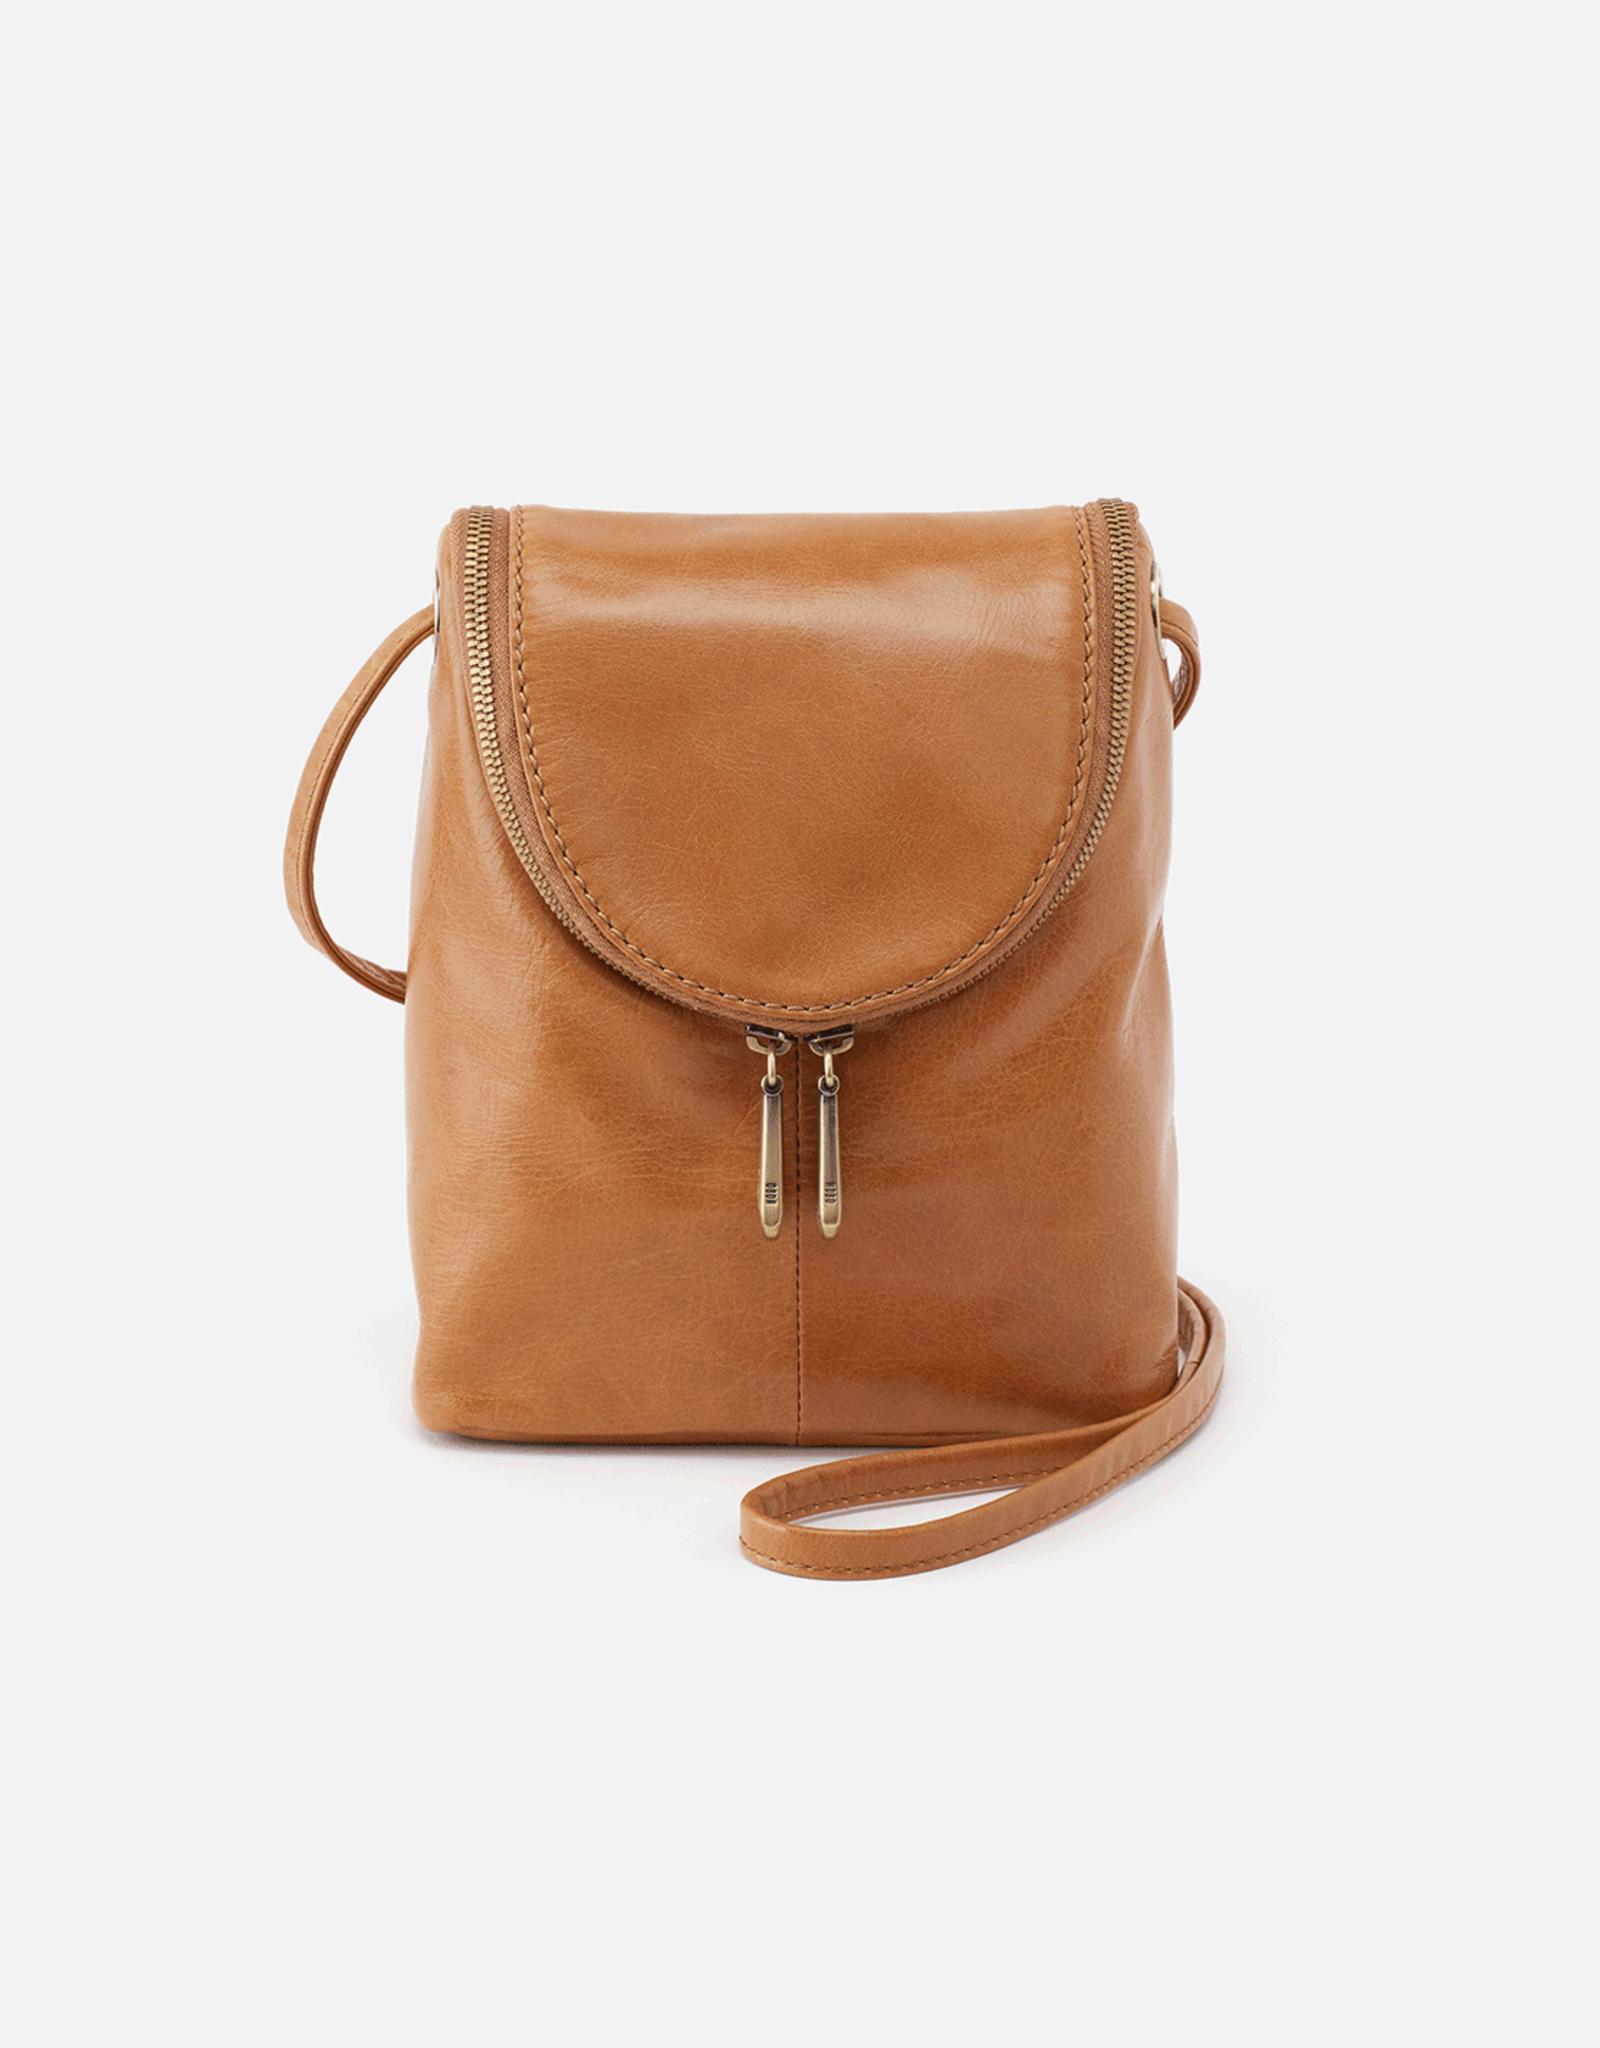 Hobo Fern Crossbody Bag